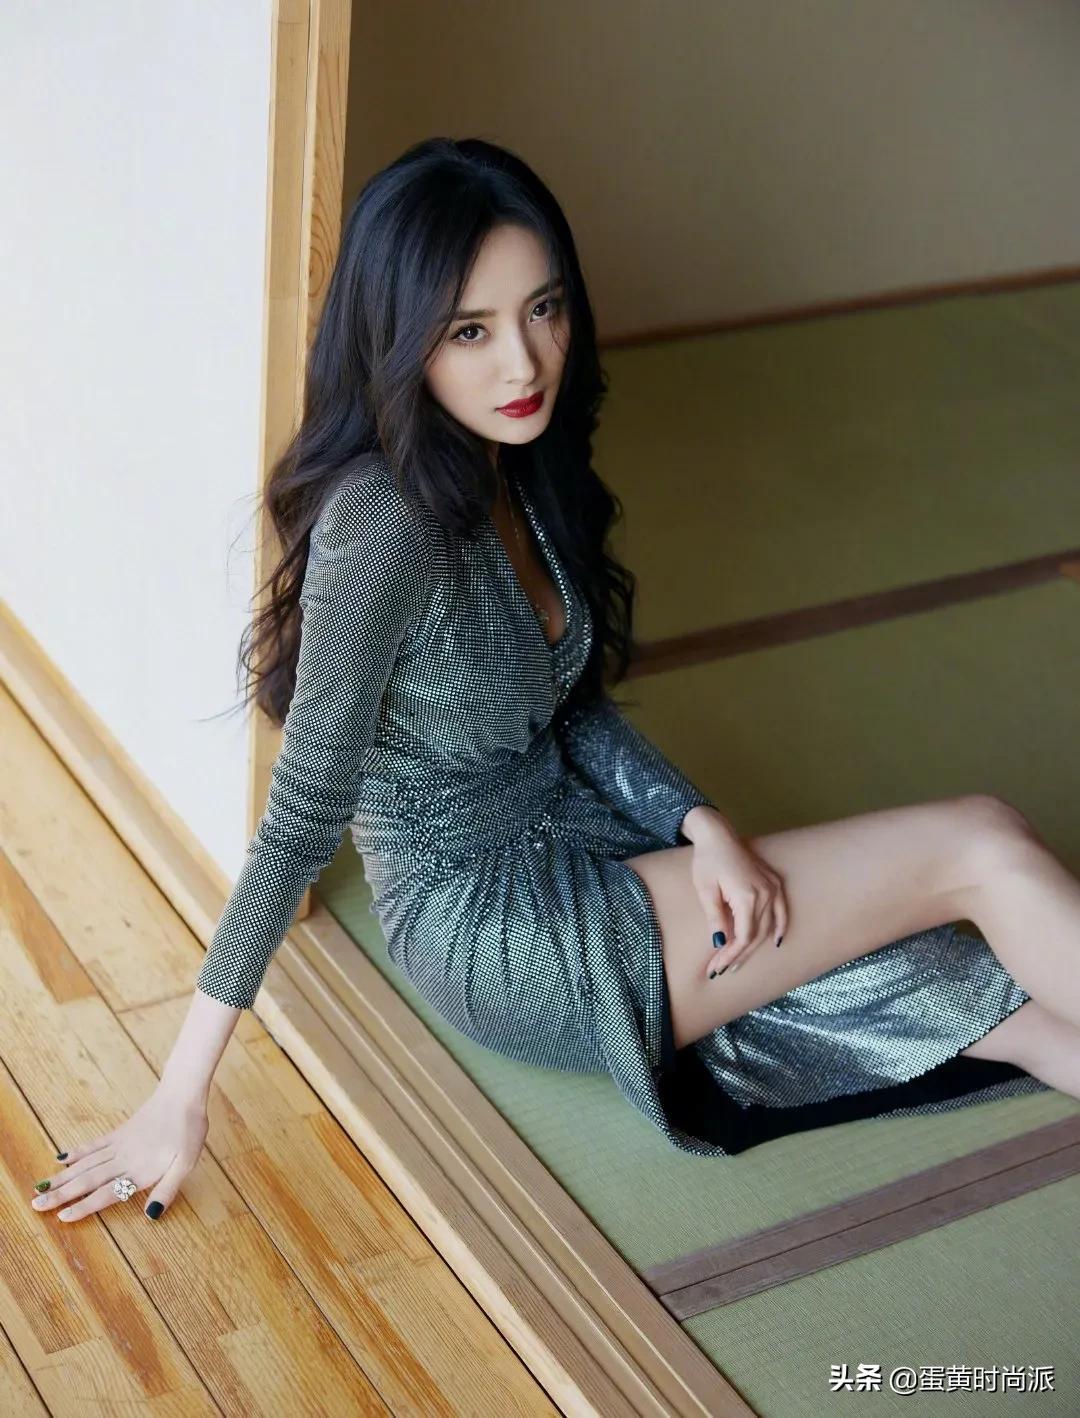 杨幂走路带风,年度影响力和商业价值女明星,闪光裙闪耀全场